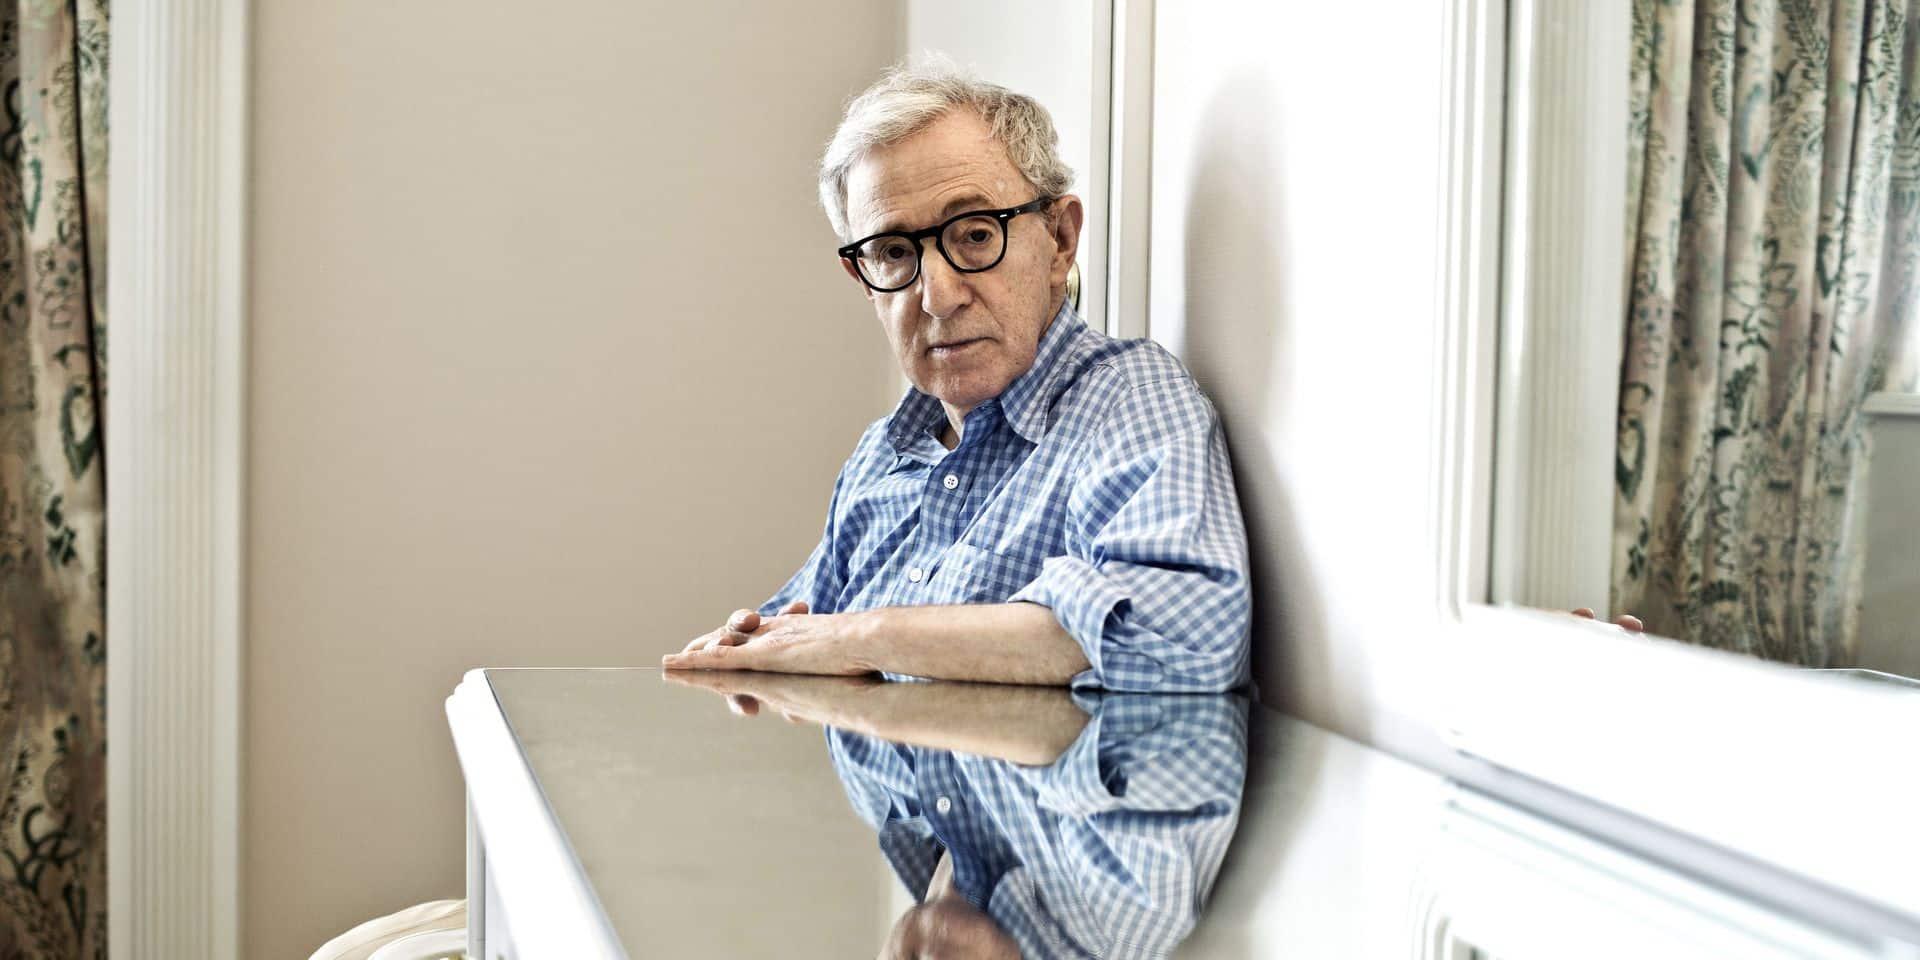 """Woody Allen évoque les accusations d'abus sexuels dans son autobiographie: """"Rien ne fera changer ce qu'ils pensent"""""""